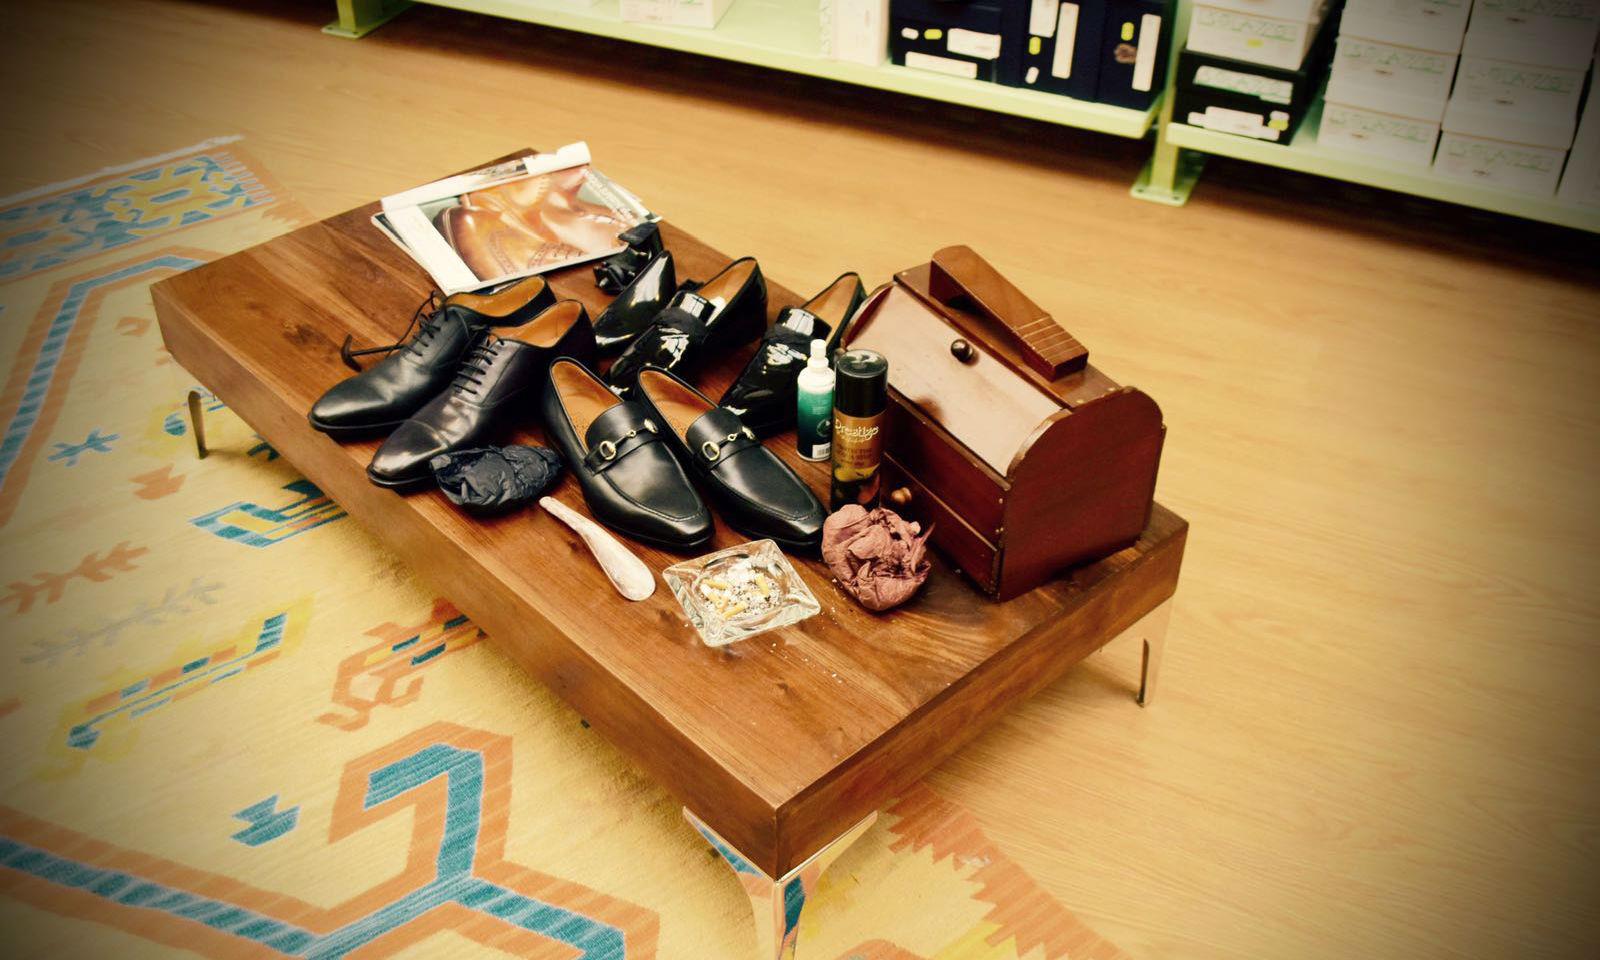 Outlet solazzo scarpe da uomo artigianali stile ruvido - Outlet della piastrella milano ...